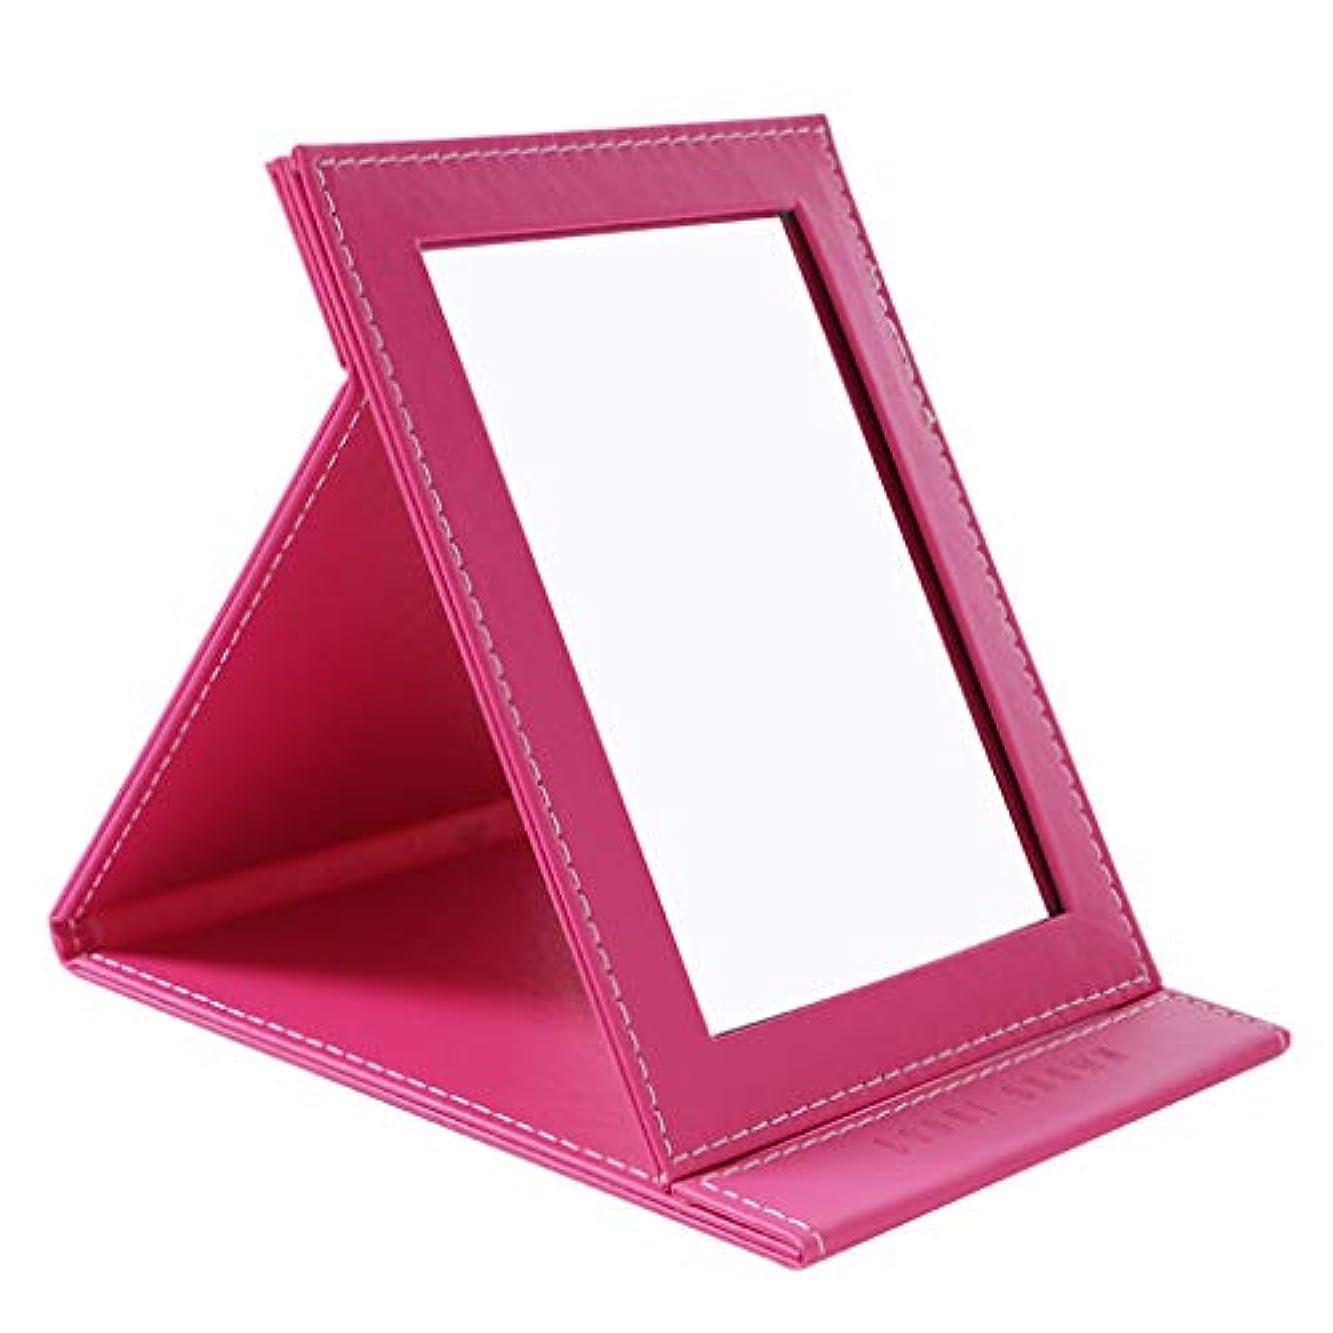 オーブン流行祝福するデスクトップの虚栄心ミラーHD折りたたみミラー卓上化粧鏡ポータブル用女の子学生女性,ピンク